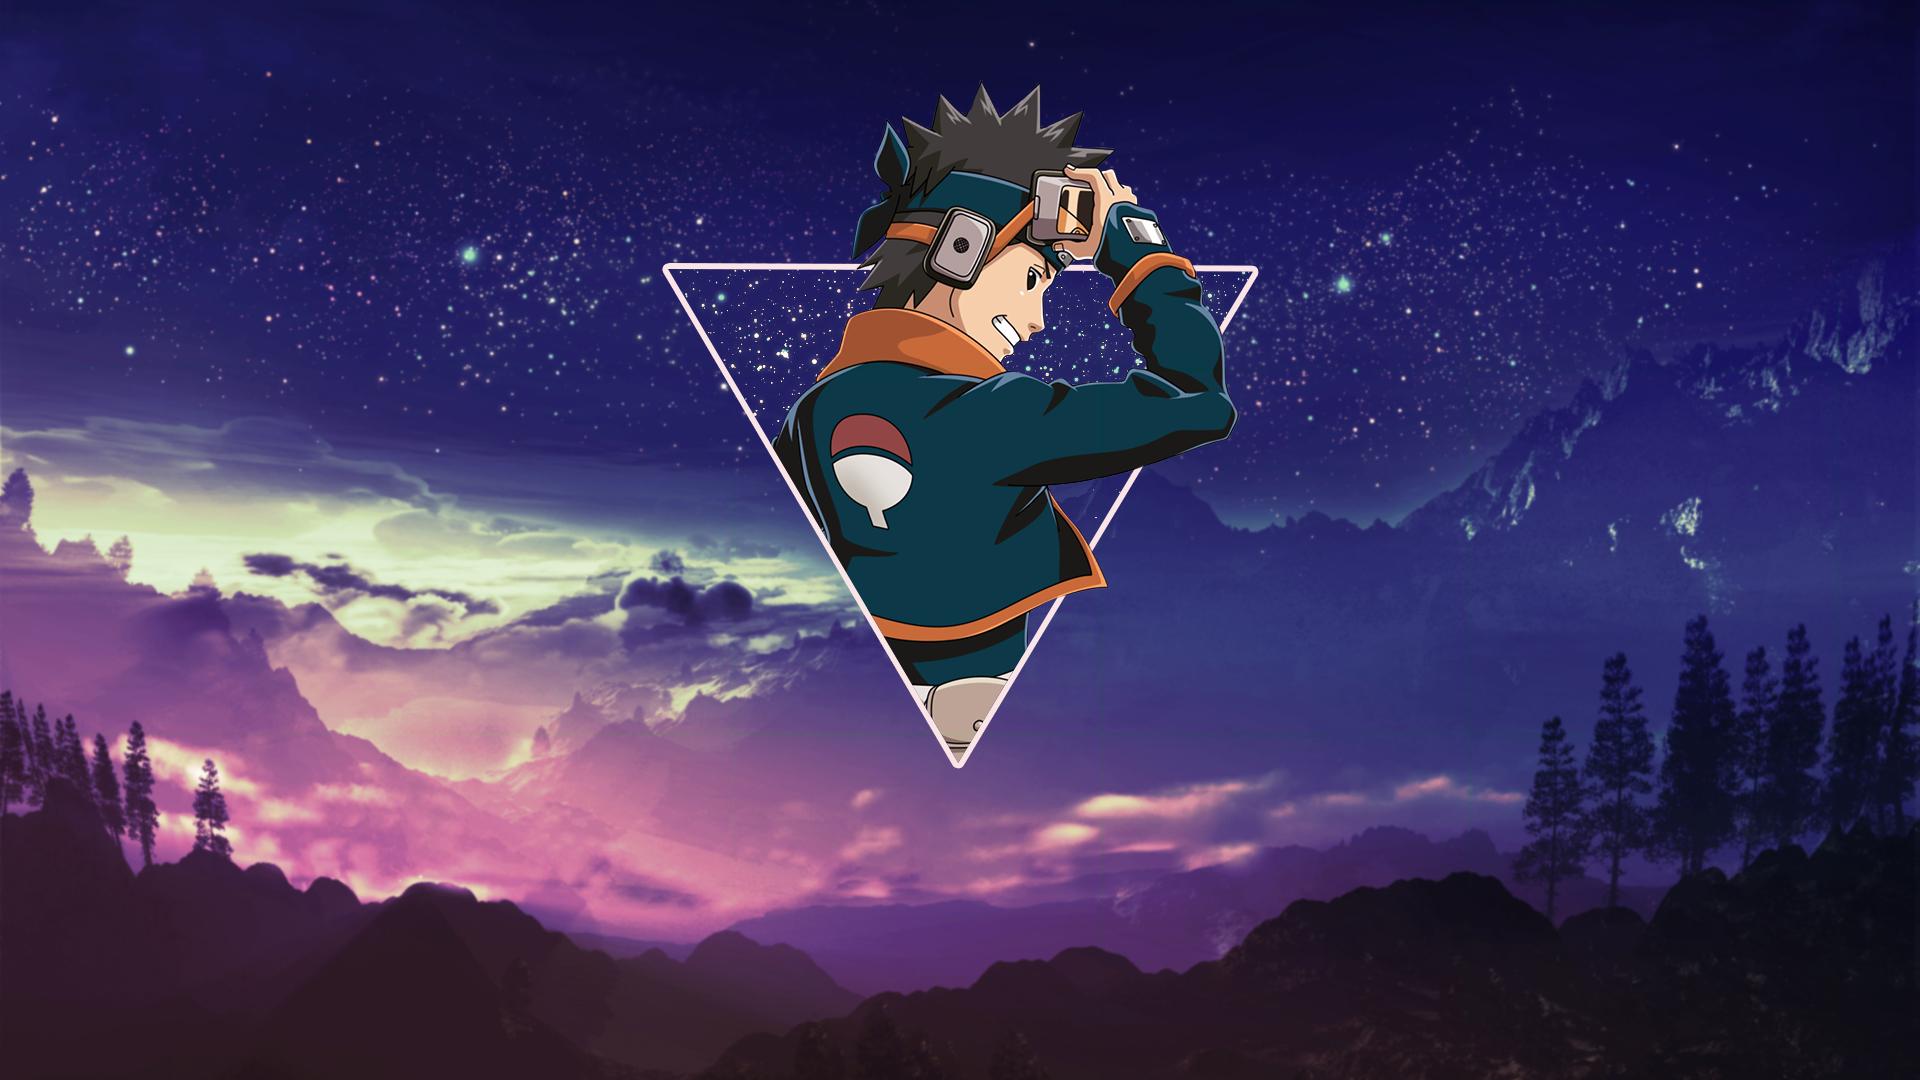 Naruto New Fan Art Wallpaper, HD Anime 4K Wallpapers ...